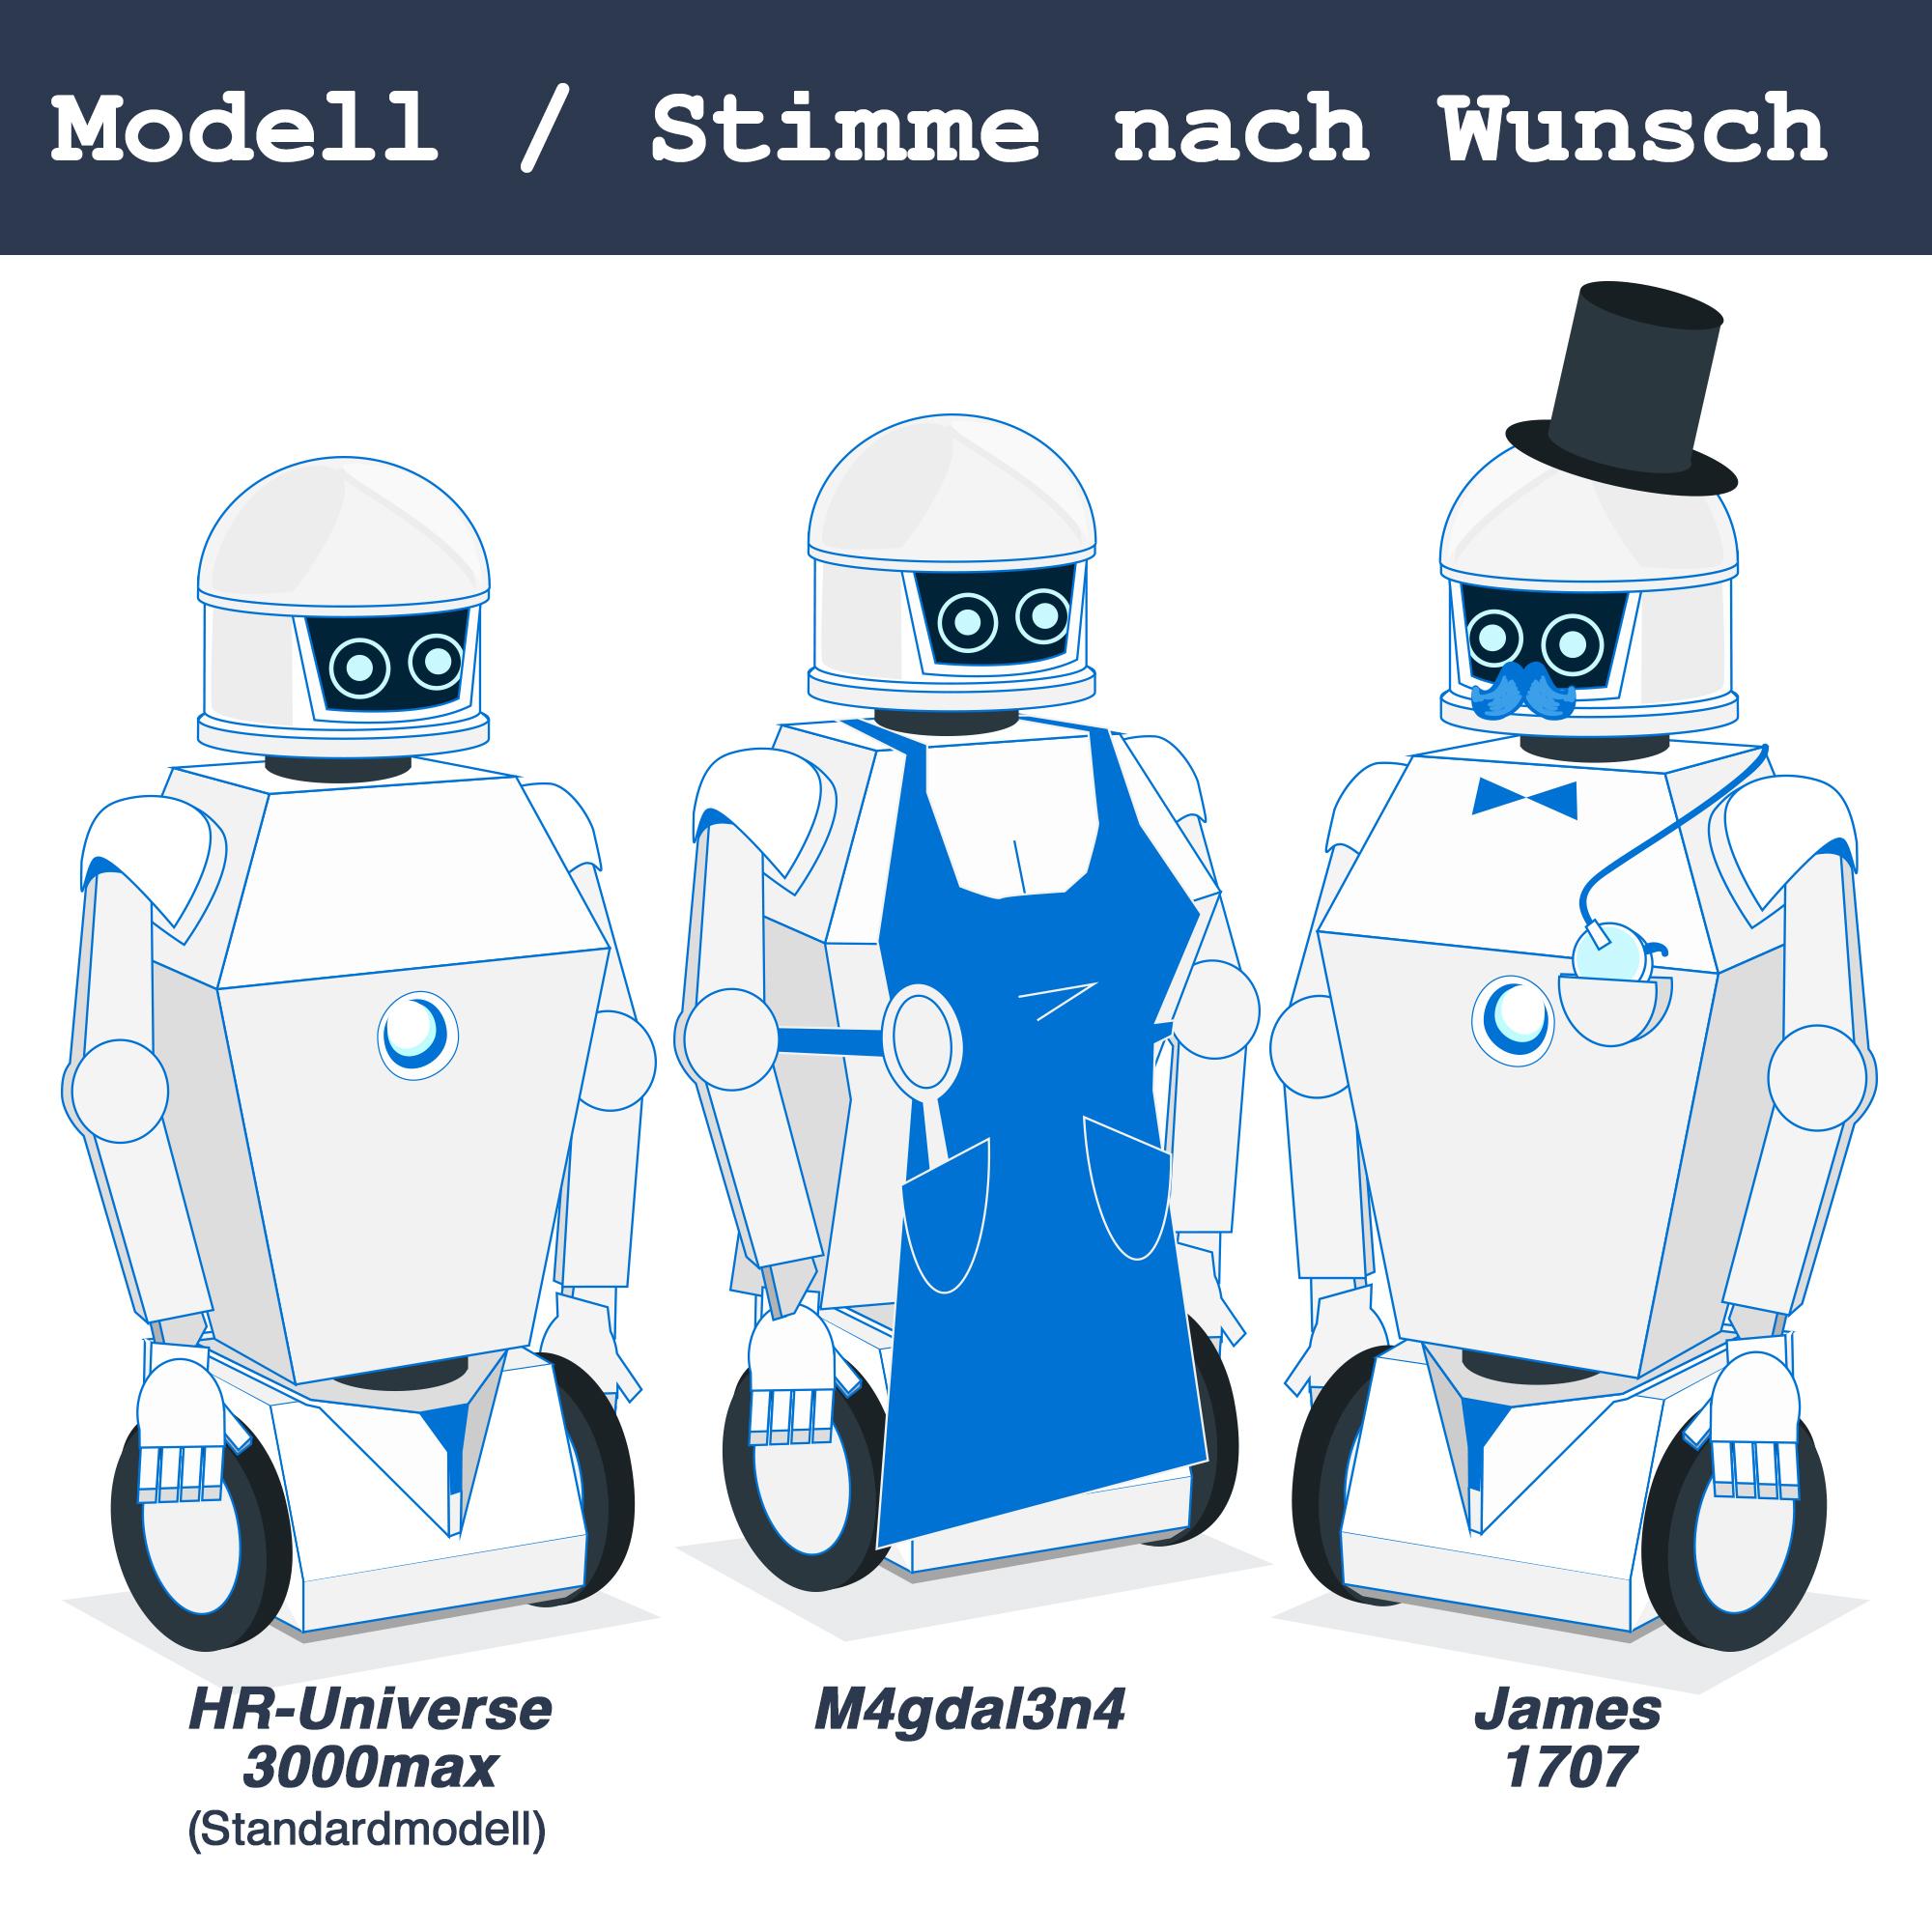 Universal Haushaltsroboter mit künstlicher Intelligenz - 5